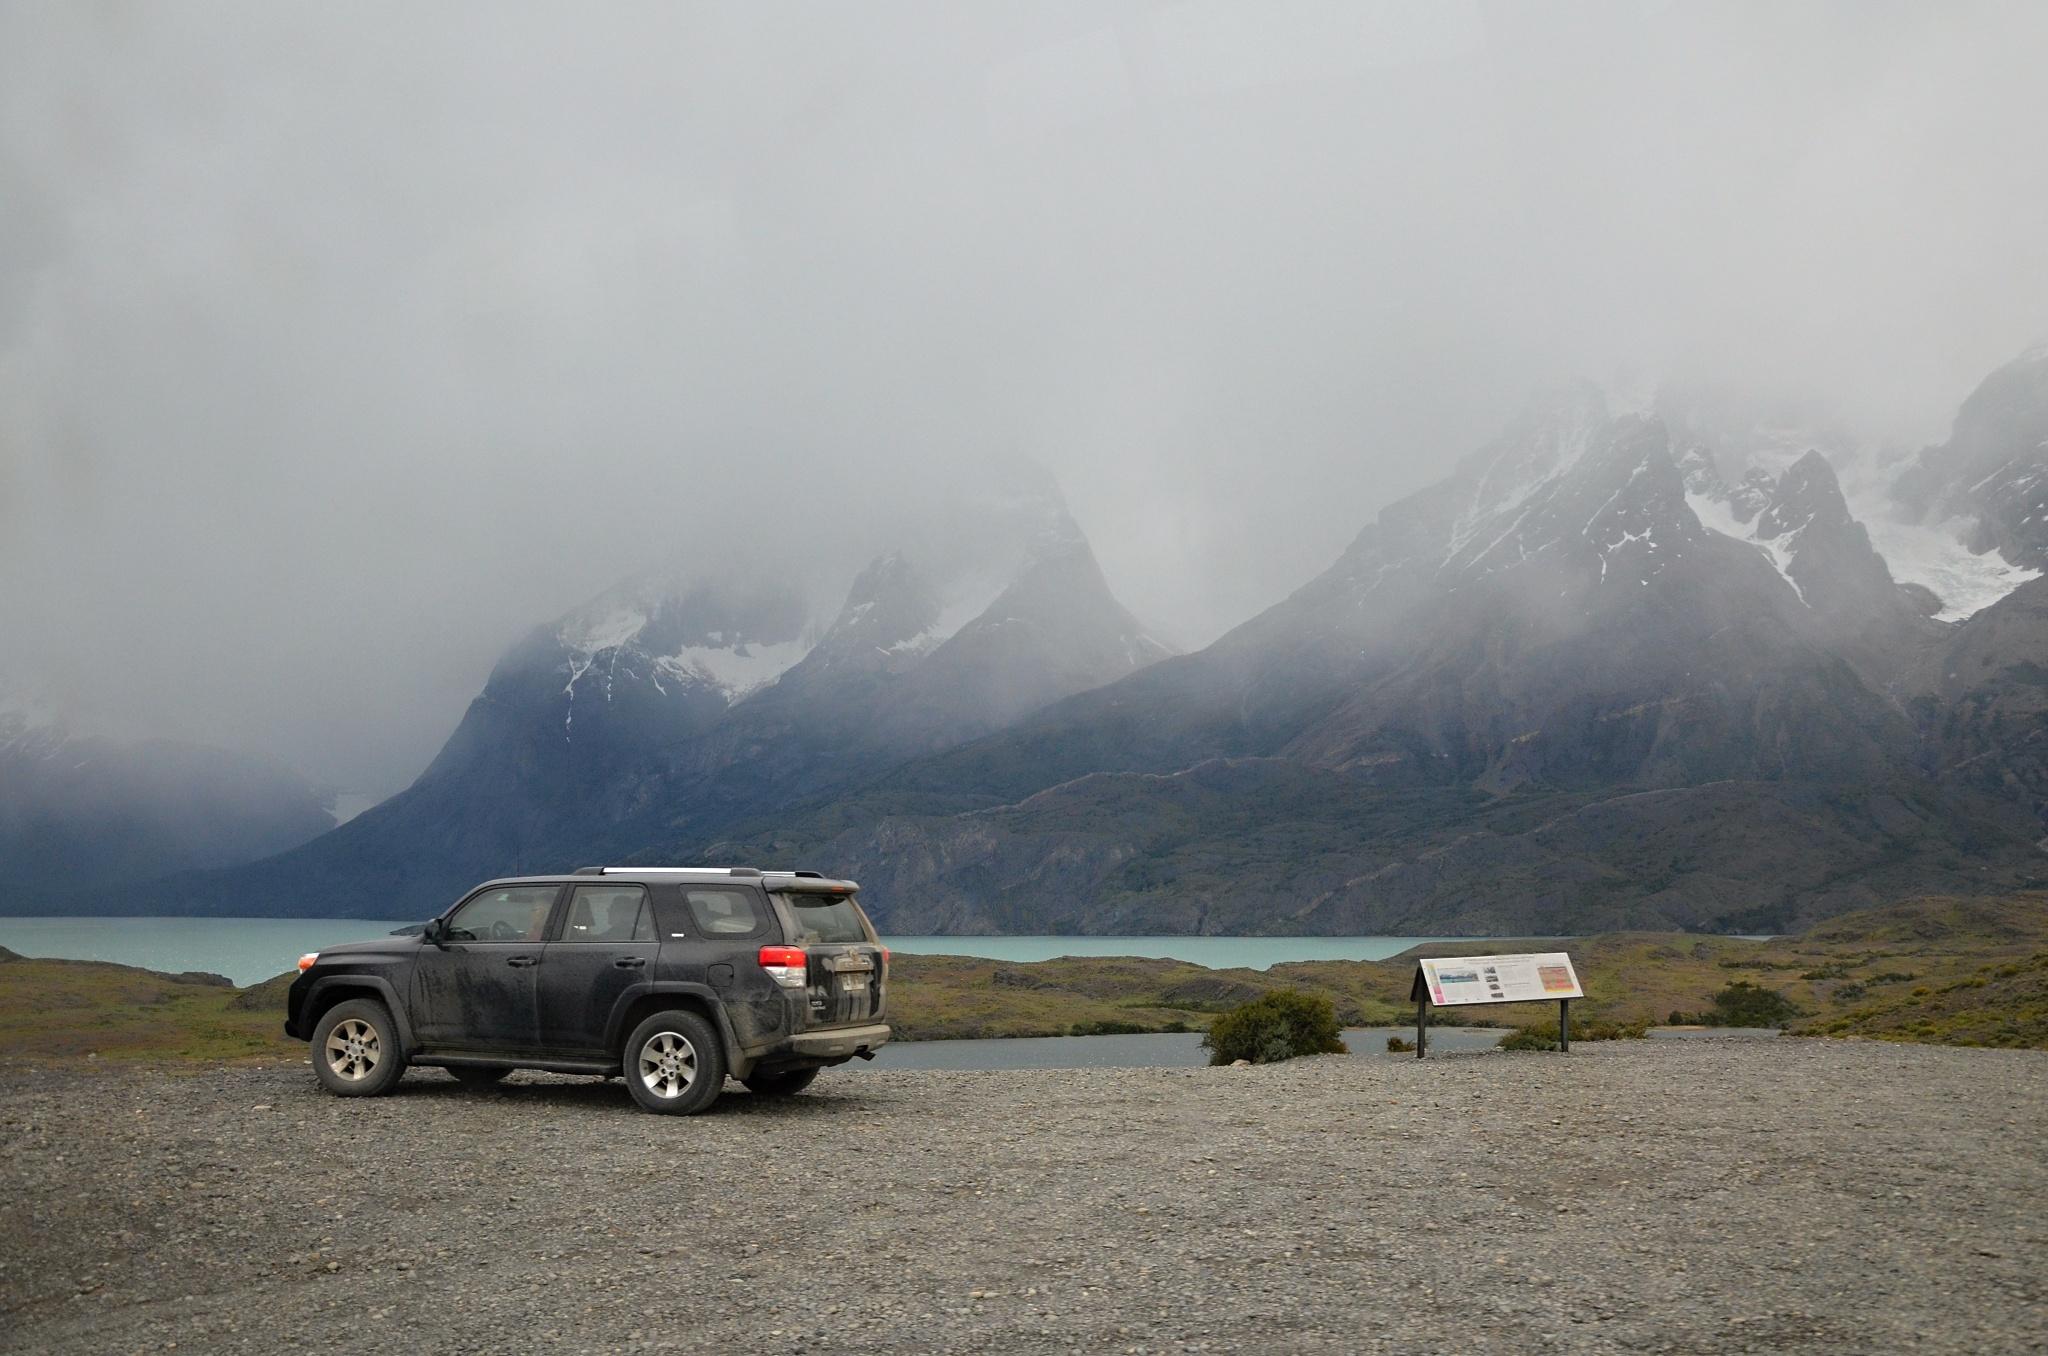 Parkoviště u jezera Pehoé, nízká oblačnost je tu stále